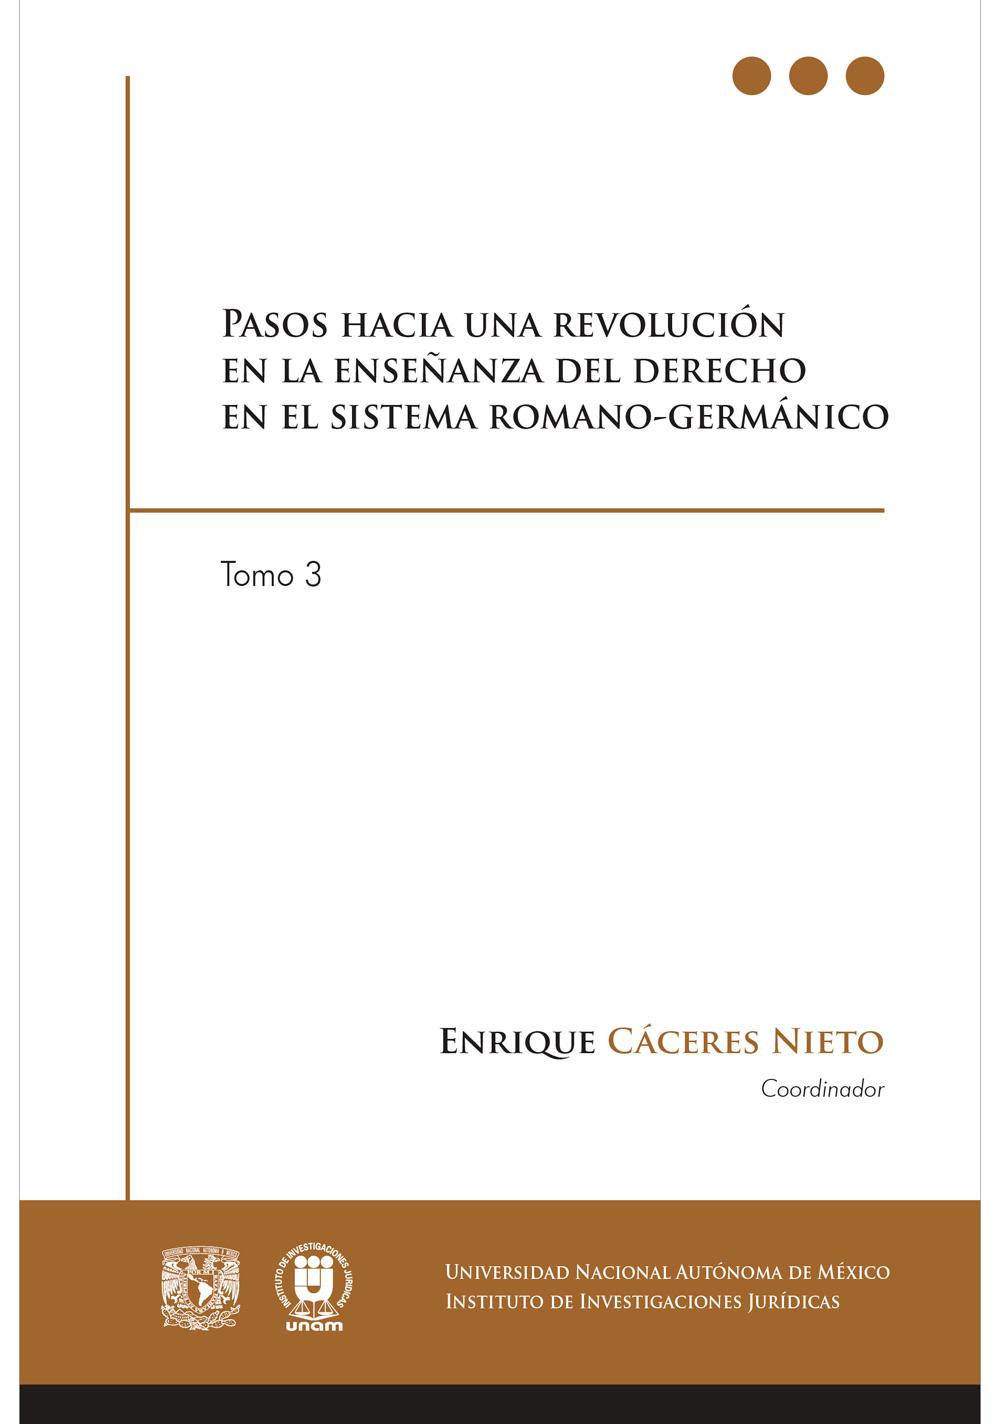 Pasos hacia una revolución en la enseñanza del derecho en el sistema romano-germánico, tomo 3, versión electrónica